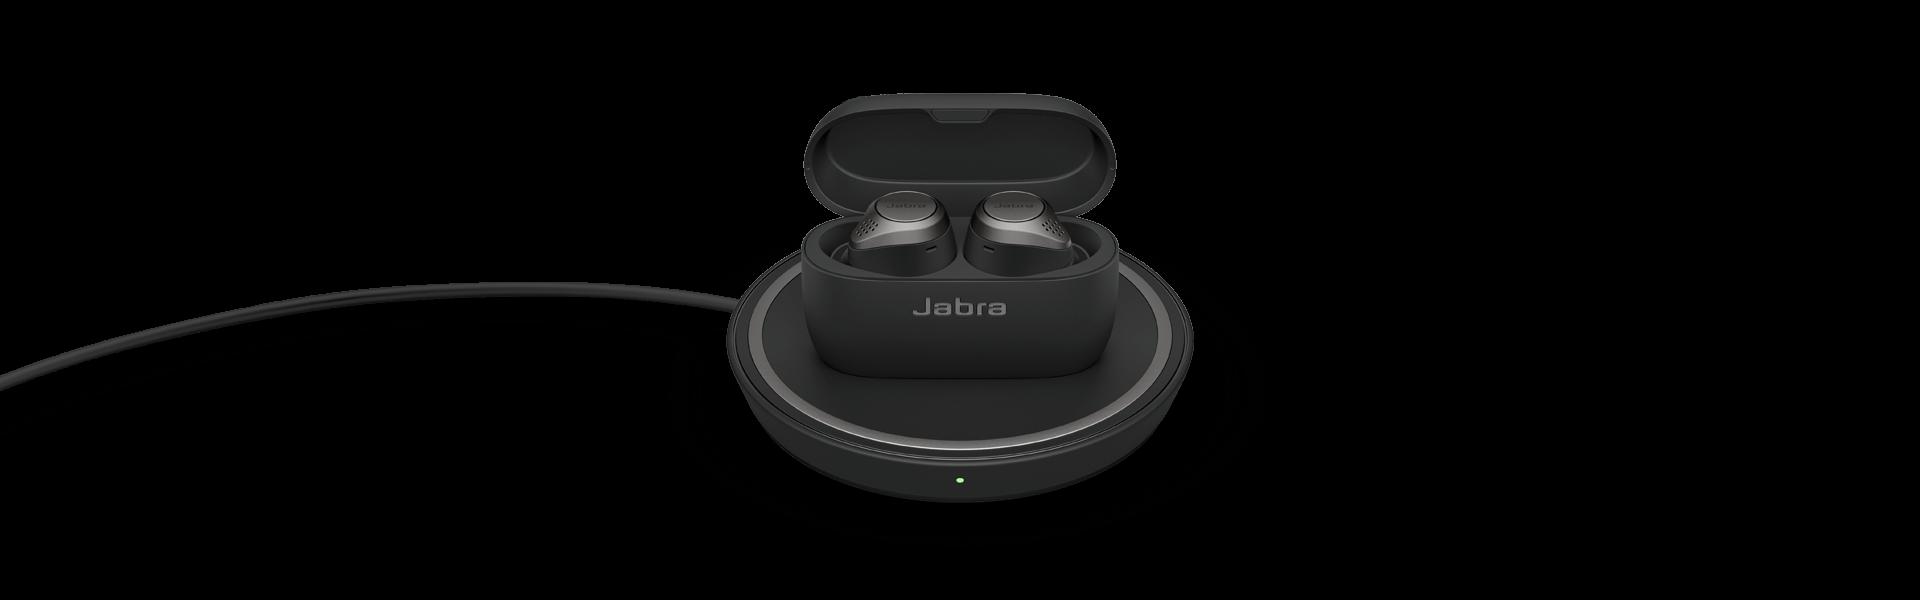 wirelesscharging seperator